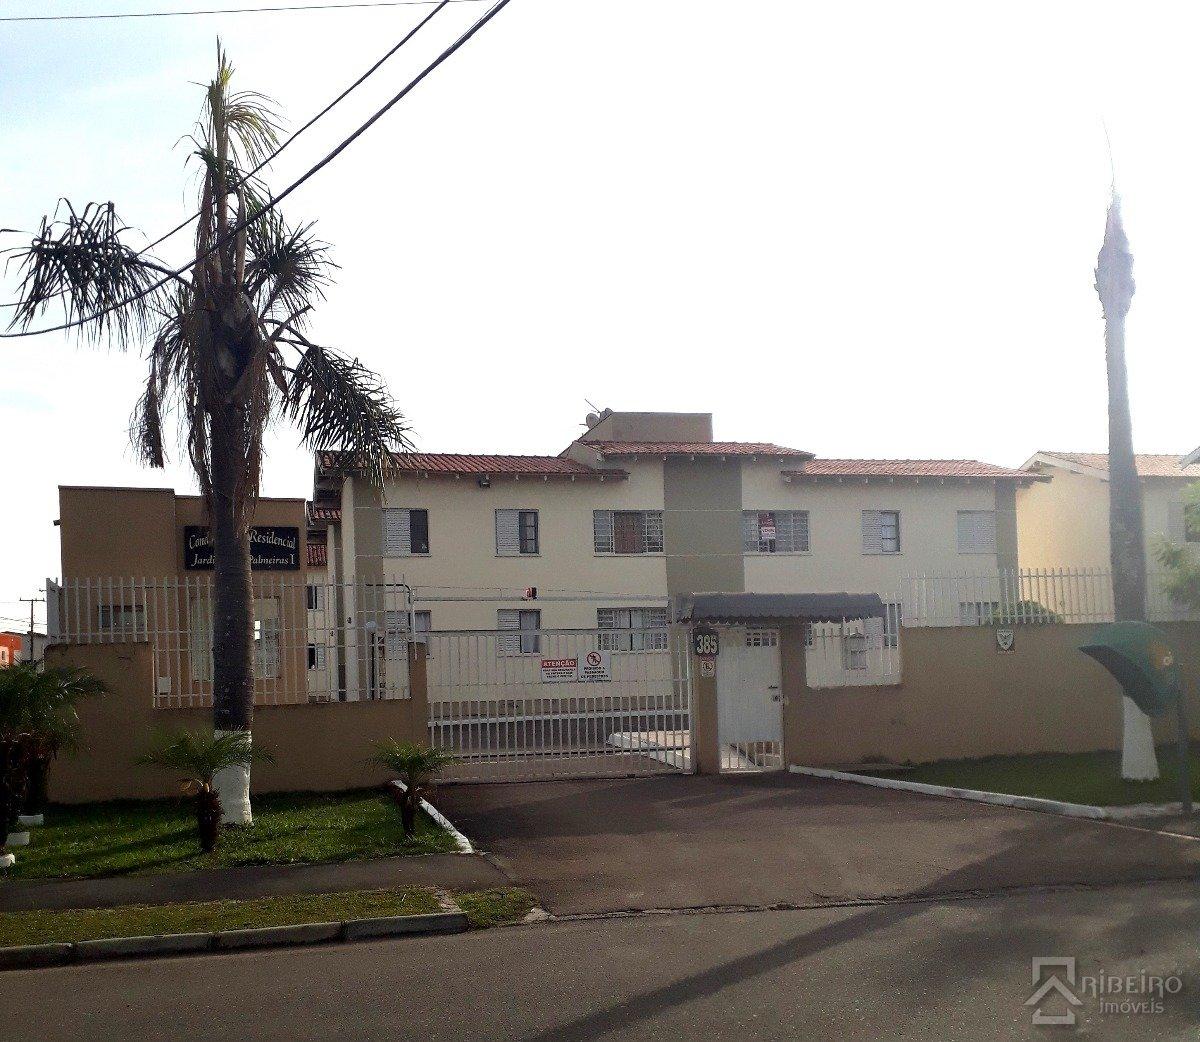 REF. 7361 -  Sao Jose Dos Pinhais - Rua  Padre Joao Da Veiga Coutinho, 385 - Apto 01 - Bl 06